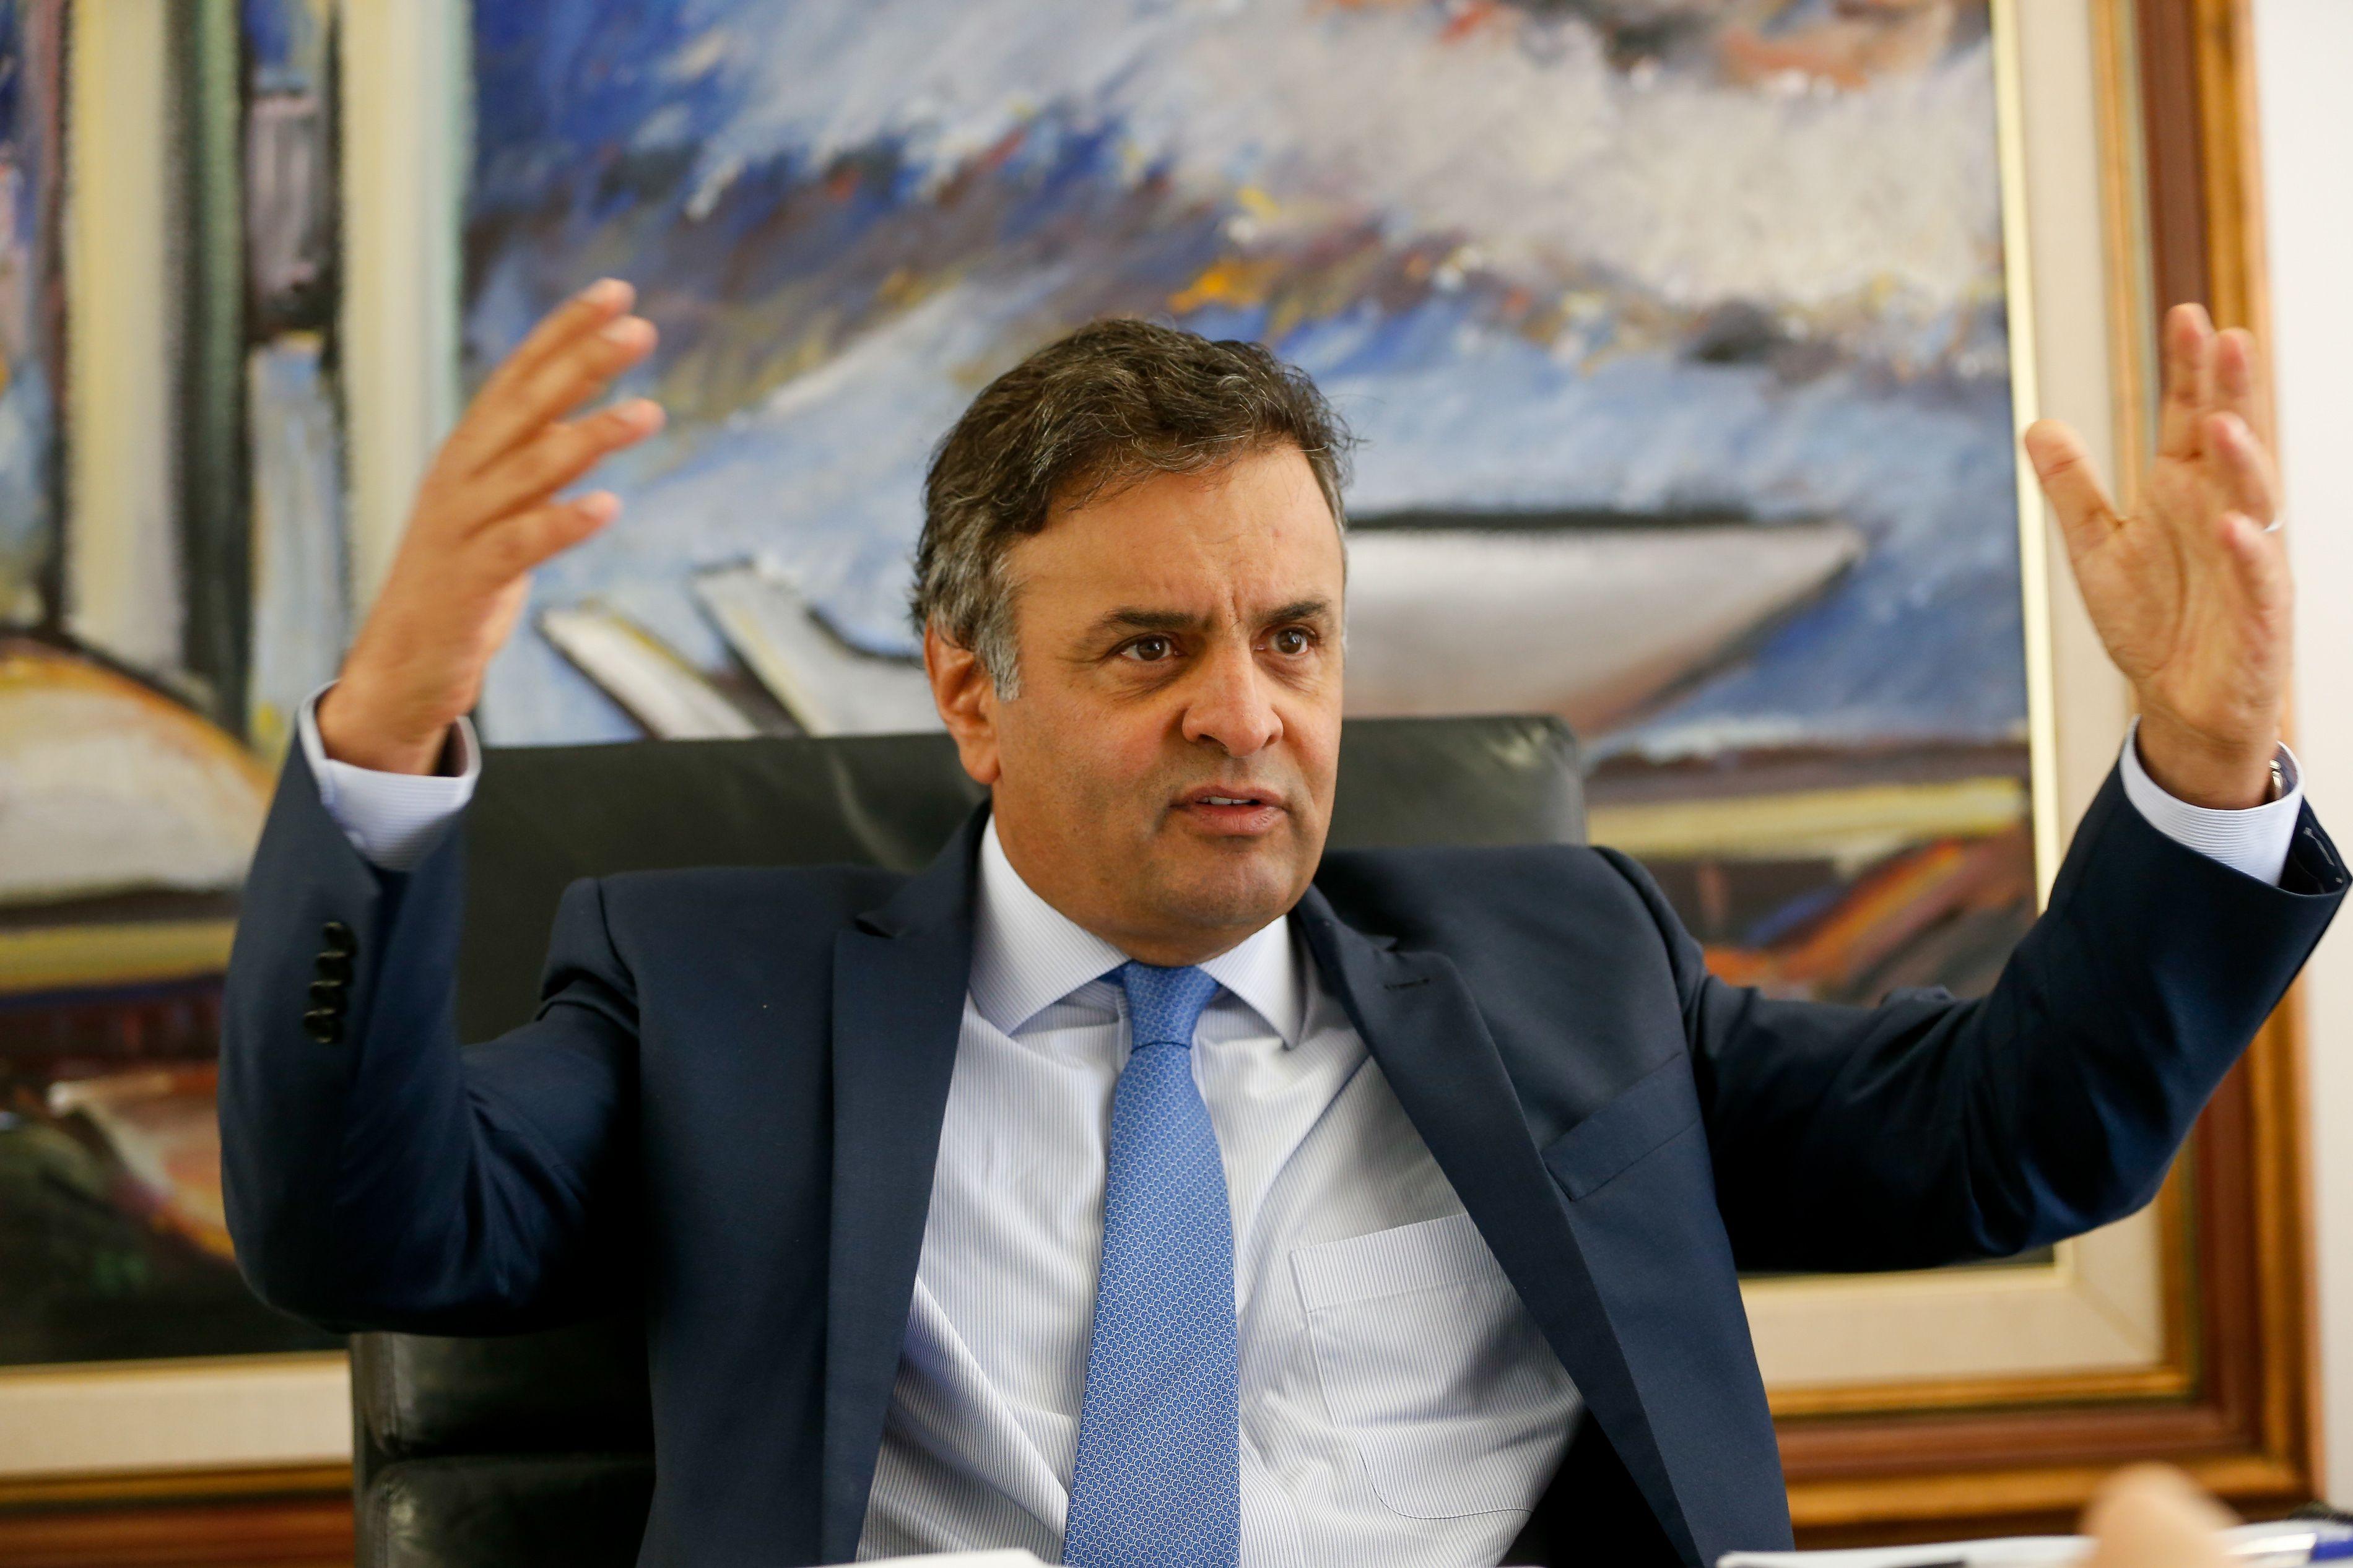 Aécio Neves já foi citado em outras duas vezes, mas procedimentos foram arquivados / Pedro Ladeira/Folhapress